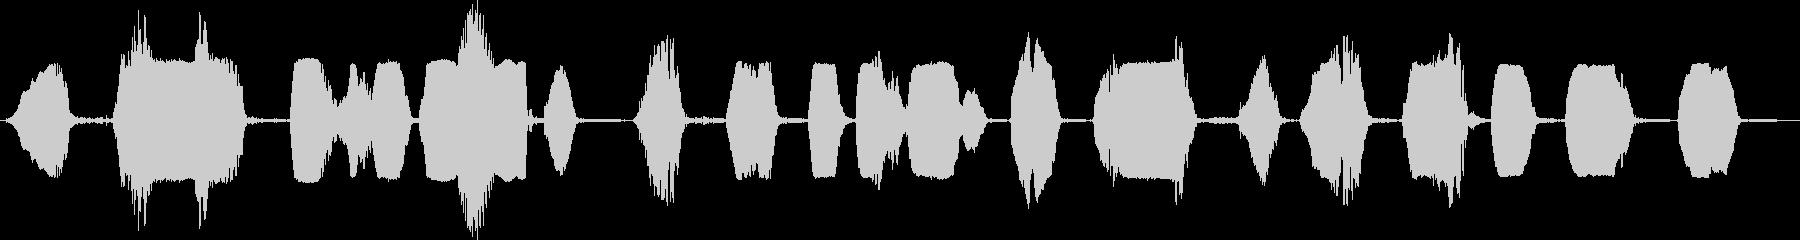 笑うシマリスのグループの未再生の波形